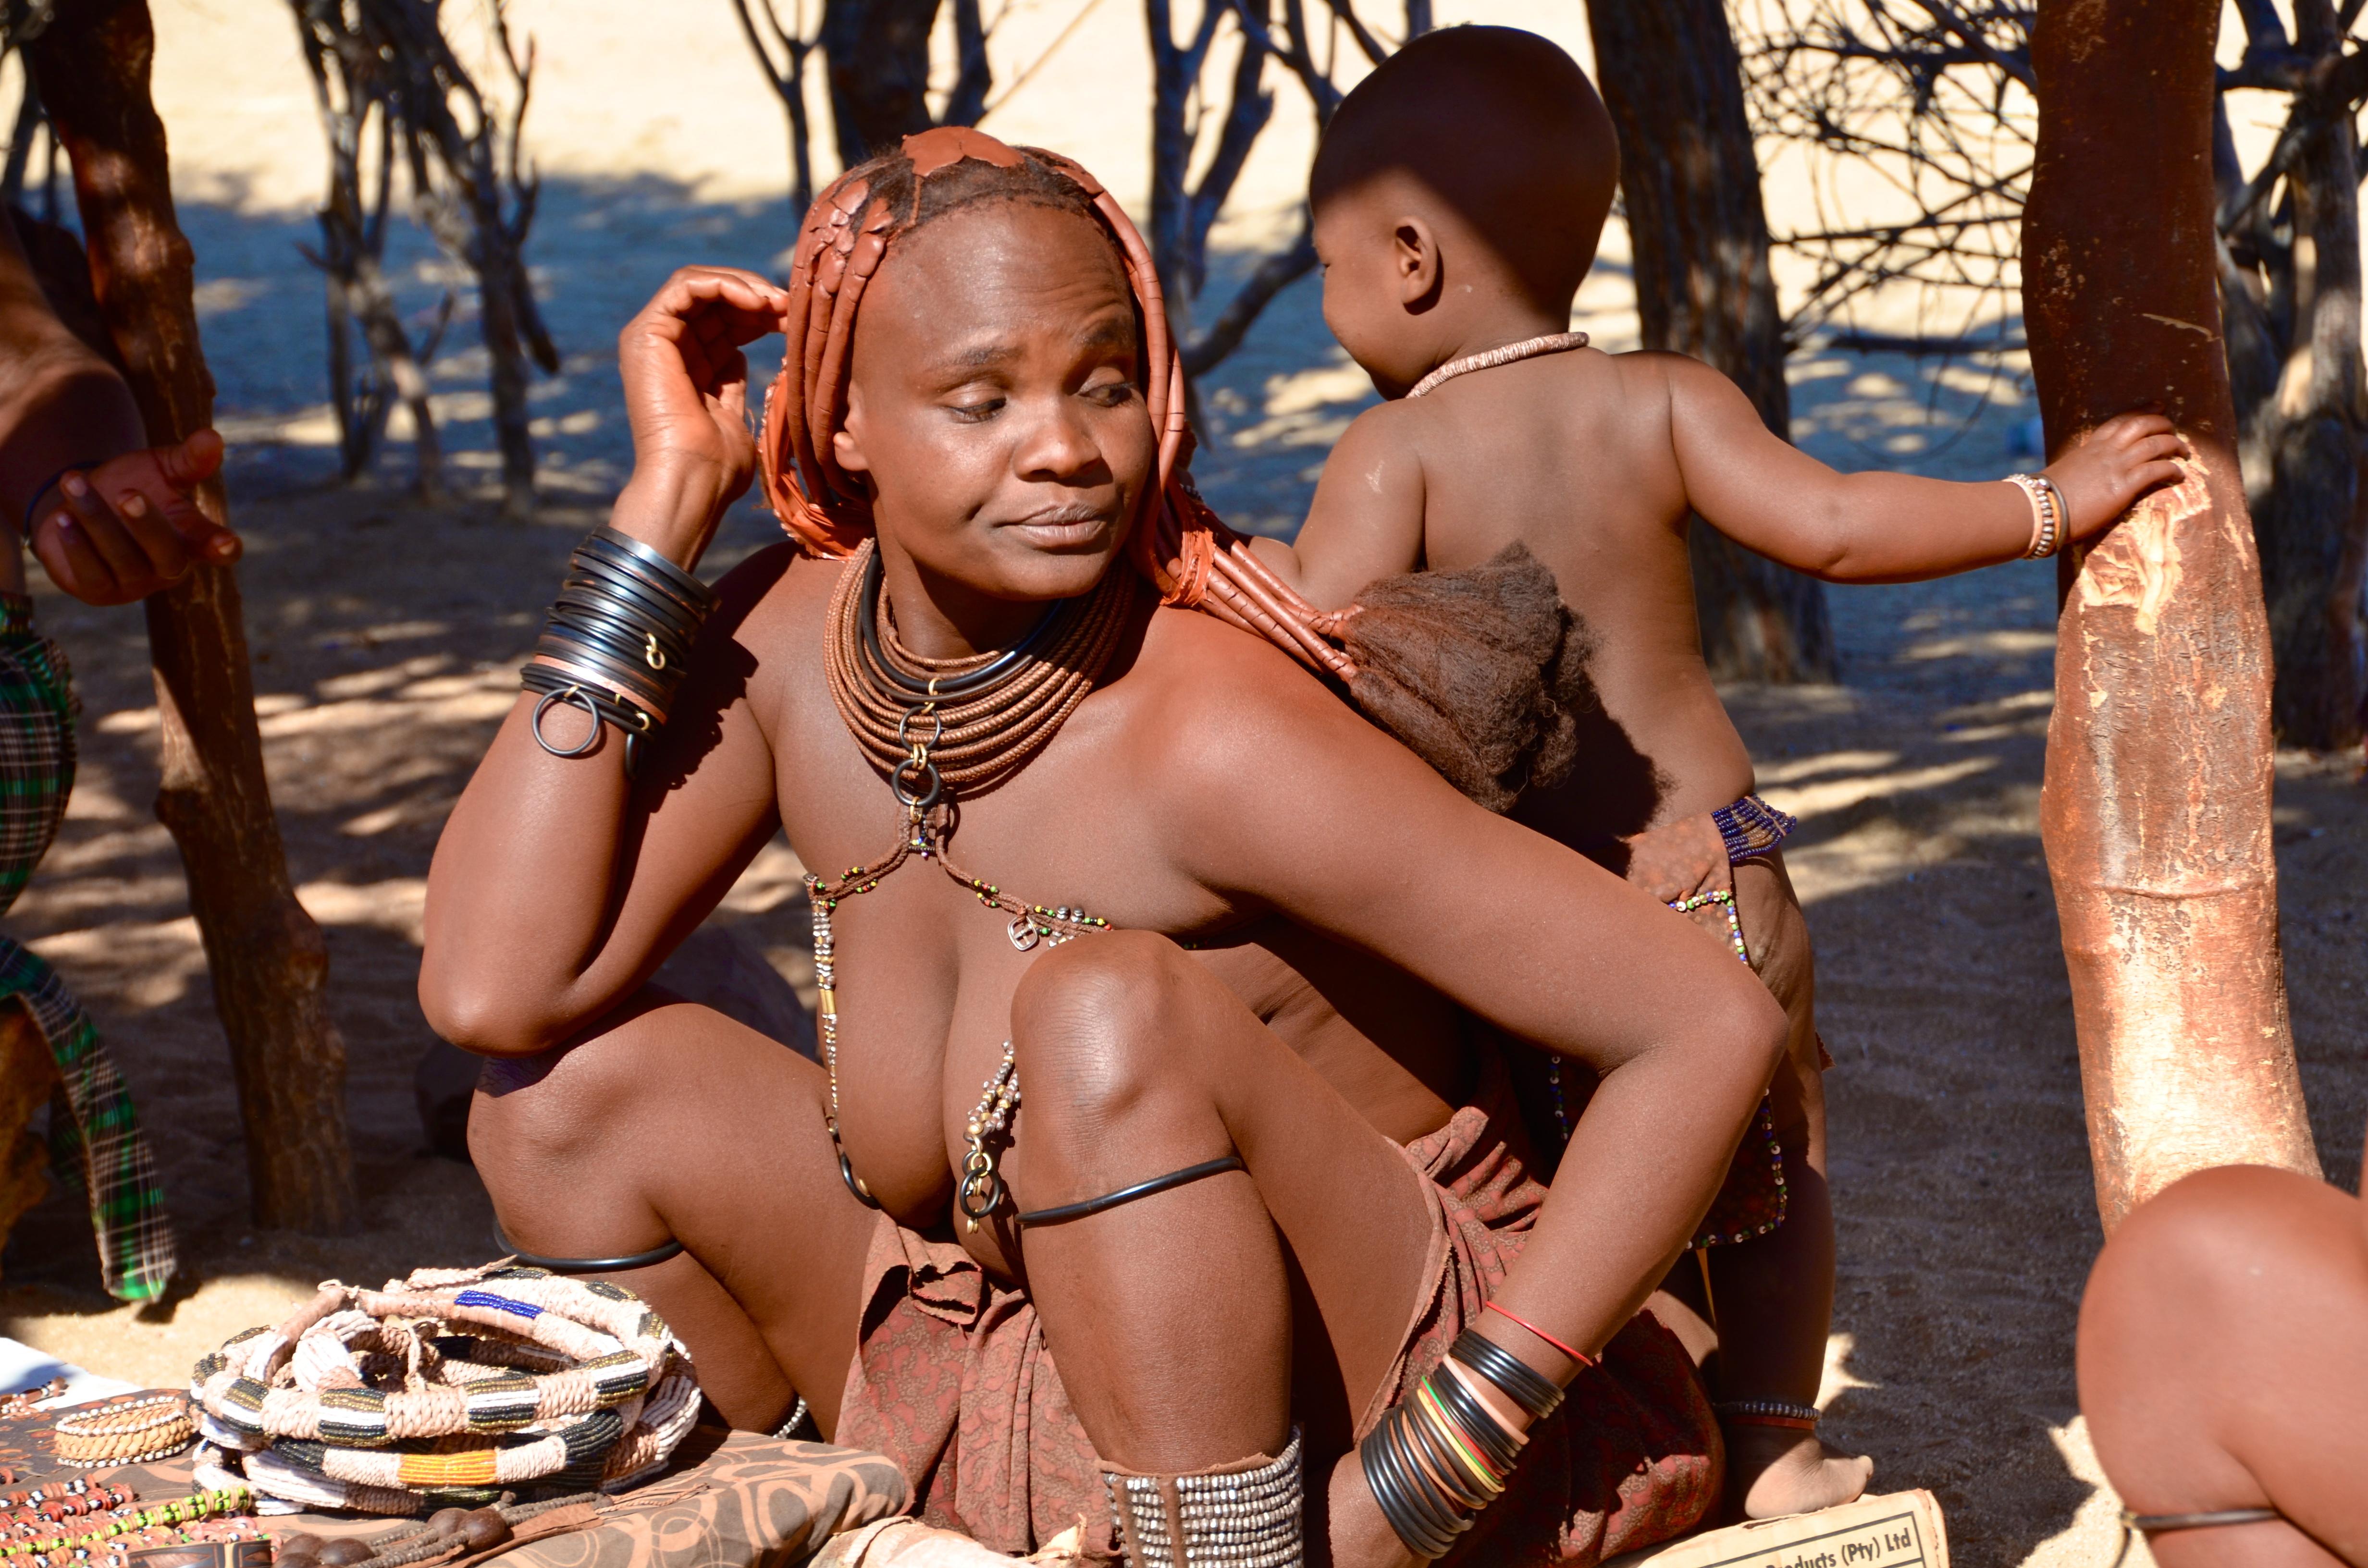 Himba tribe in Namibia – Photo essay